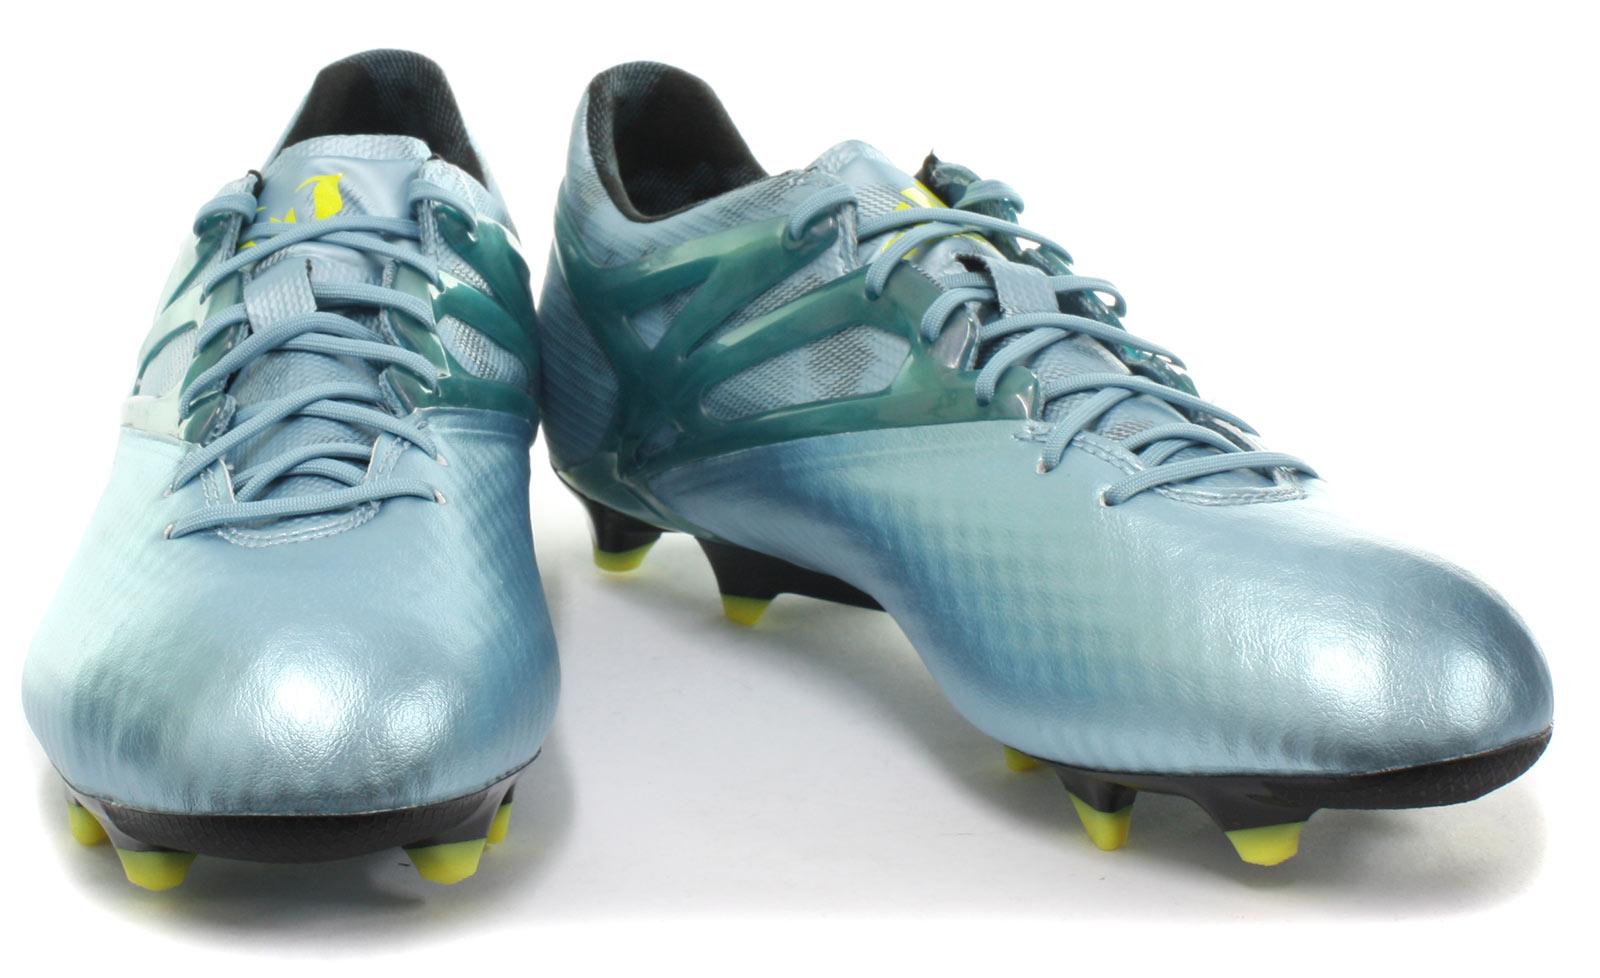 ff668e278fa16 Nuevo Adidas Messi 15.1 Fg   Ag Botas Fútbol Hombre   Tacos Todas ...